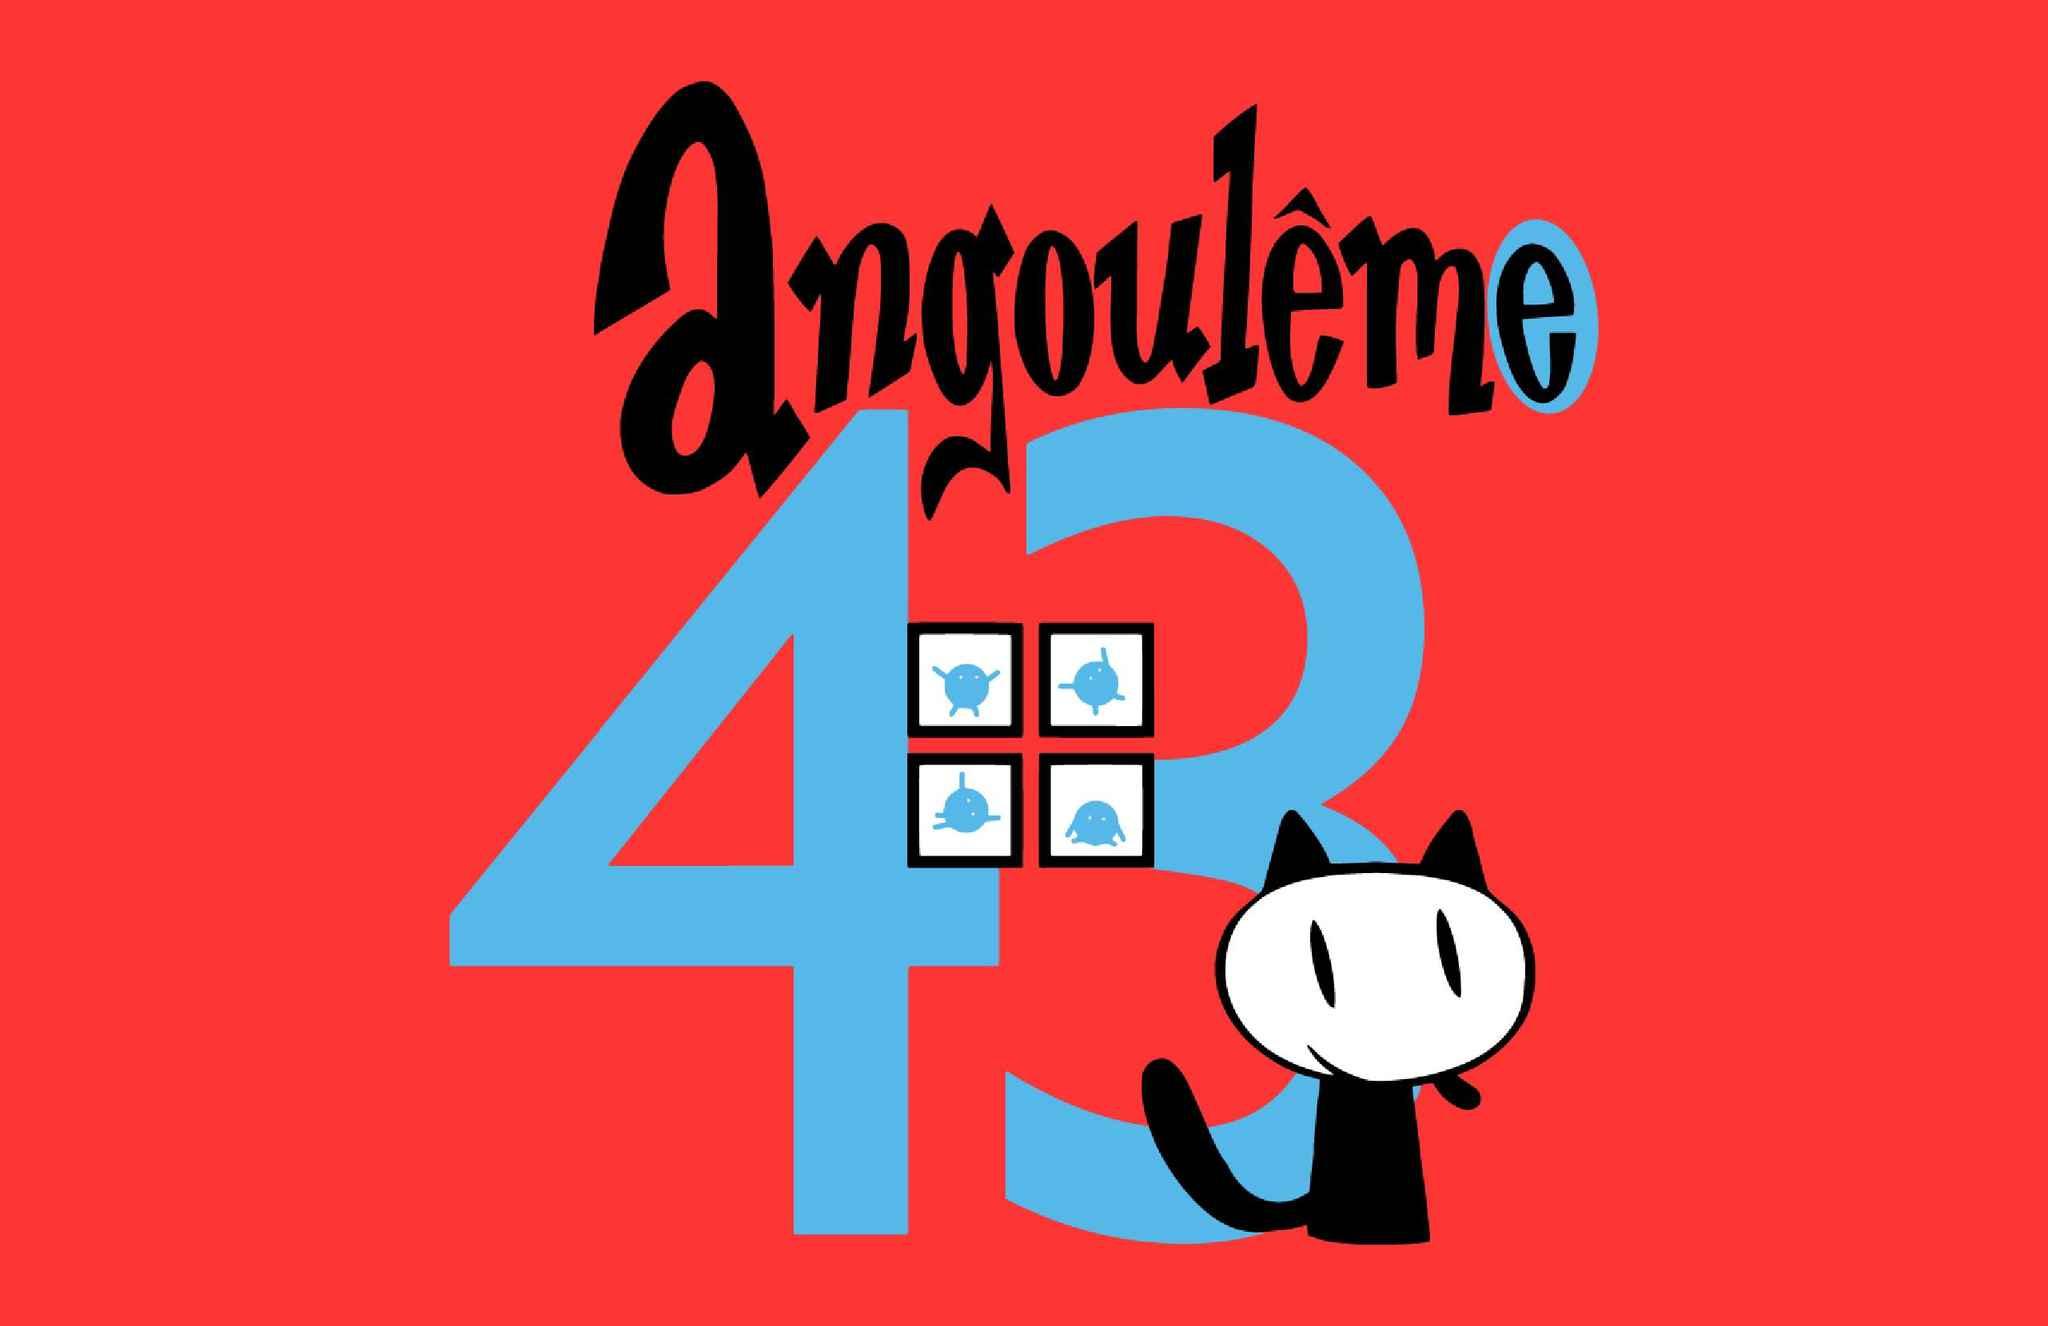 Angoulême: il viaggio dell'eroe